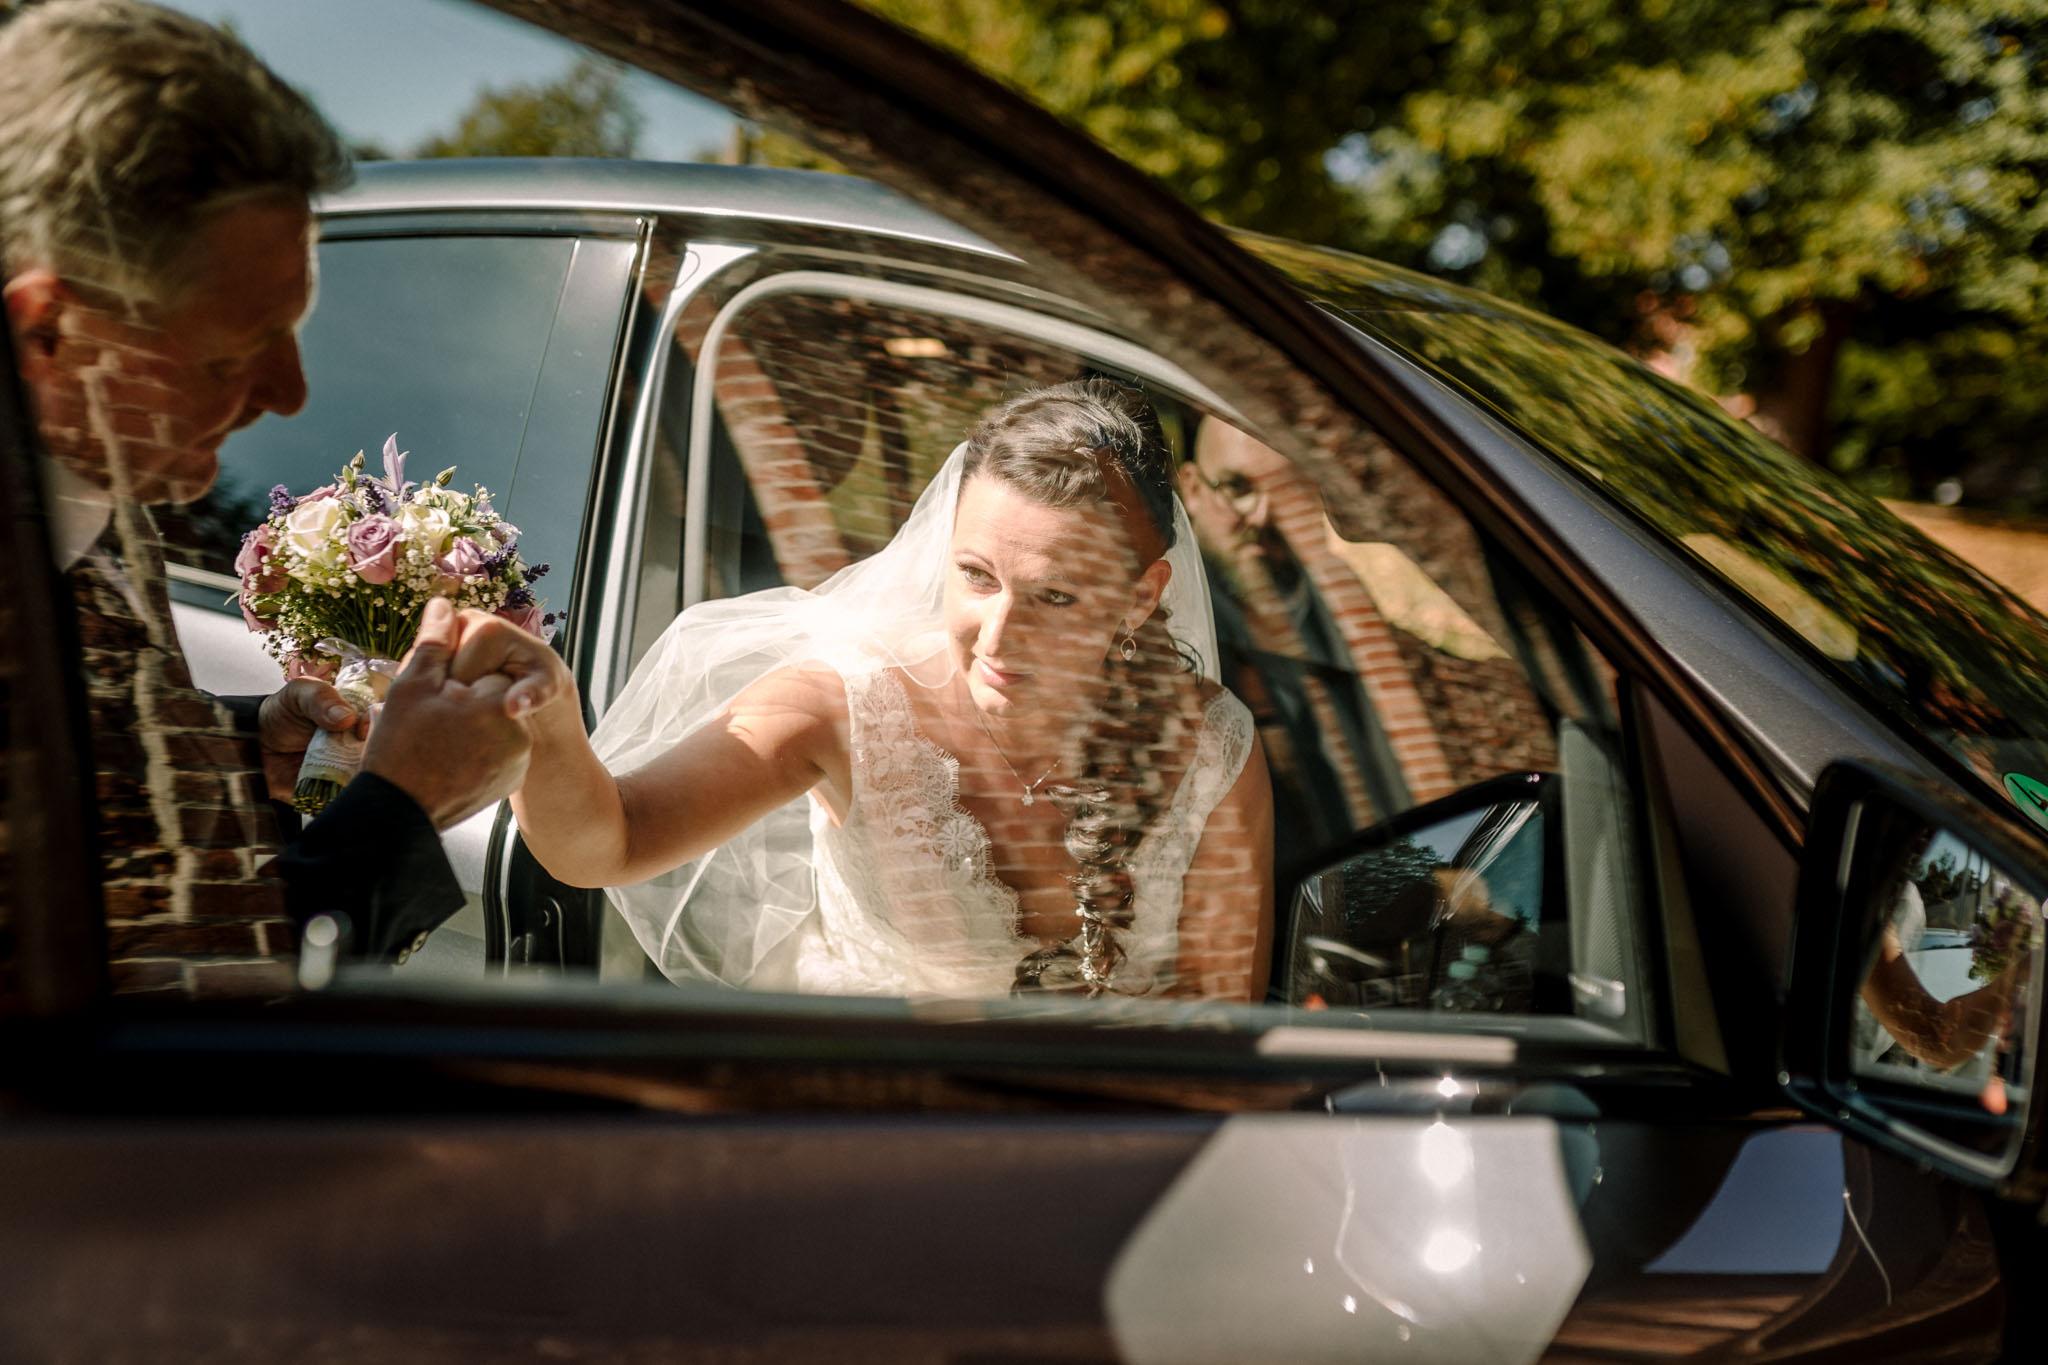 Hochzeitsfieber by Photo-Schomburg, Hochzeitsfotograf, Hamburg,Hochzeitstag, Hochzeitspaar, Braut, Bräutigam, Literaturhauscafe Zarrentin-14